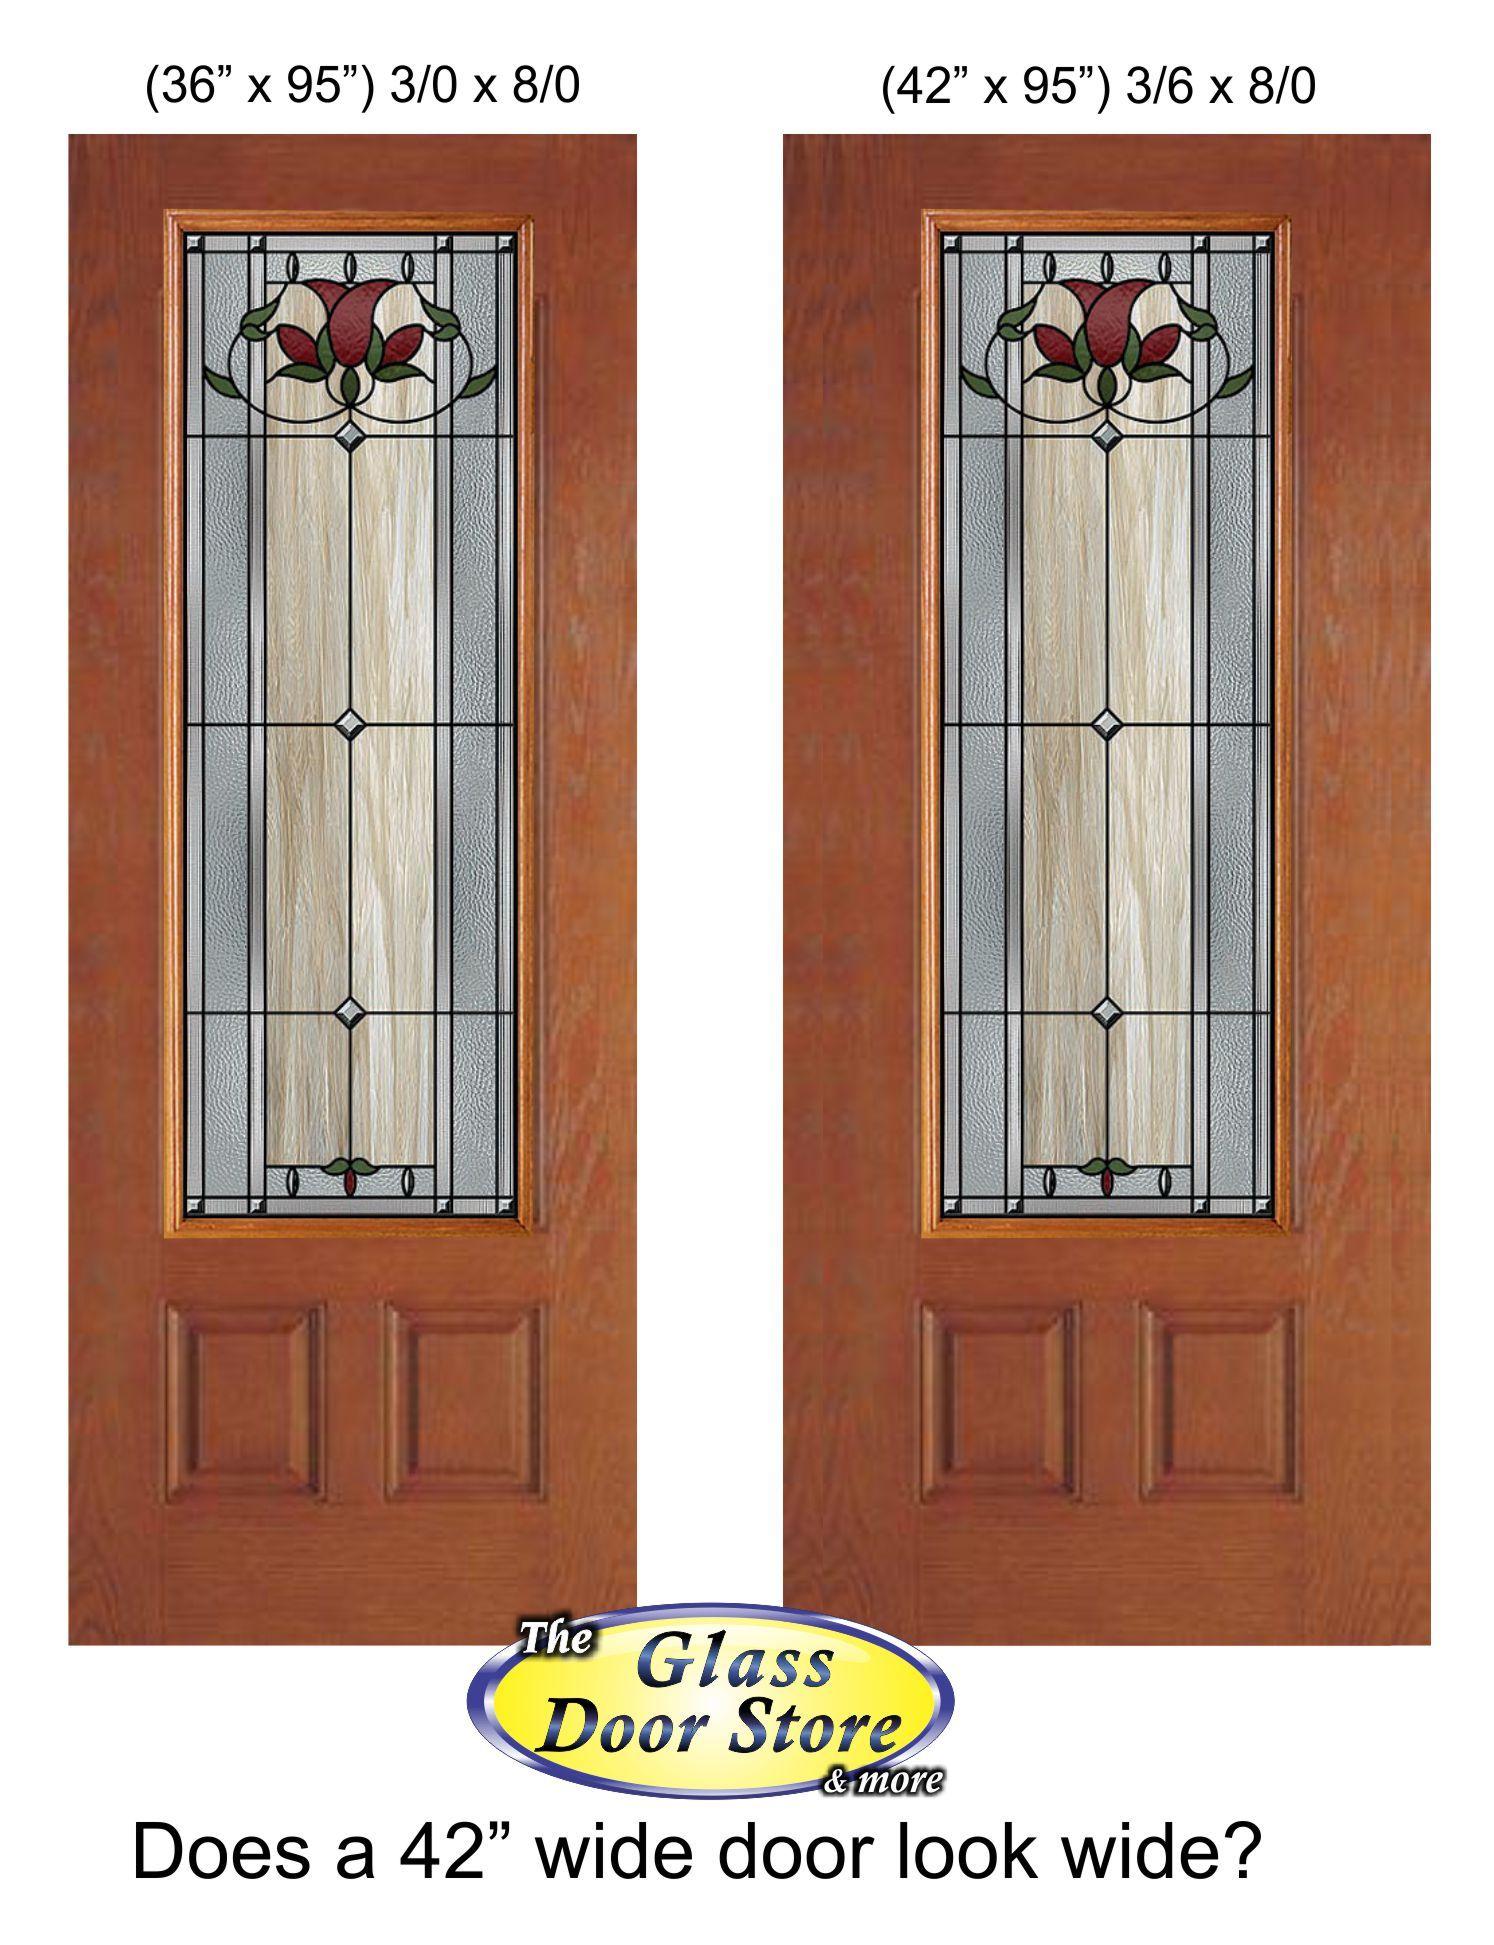 42 Plastpro Door With A Standard Glass Door Insert Compare This To The 36 Door On The Left Www Glas Glass Front Entry Doors Glass Doors Interior Glass Door